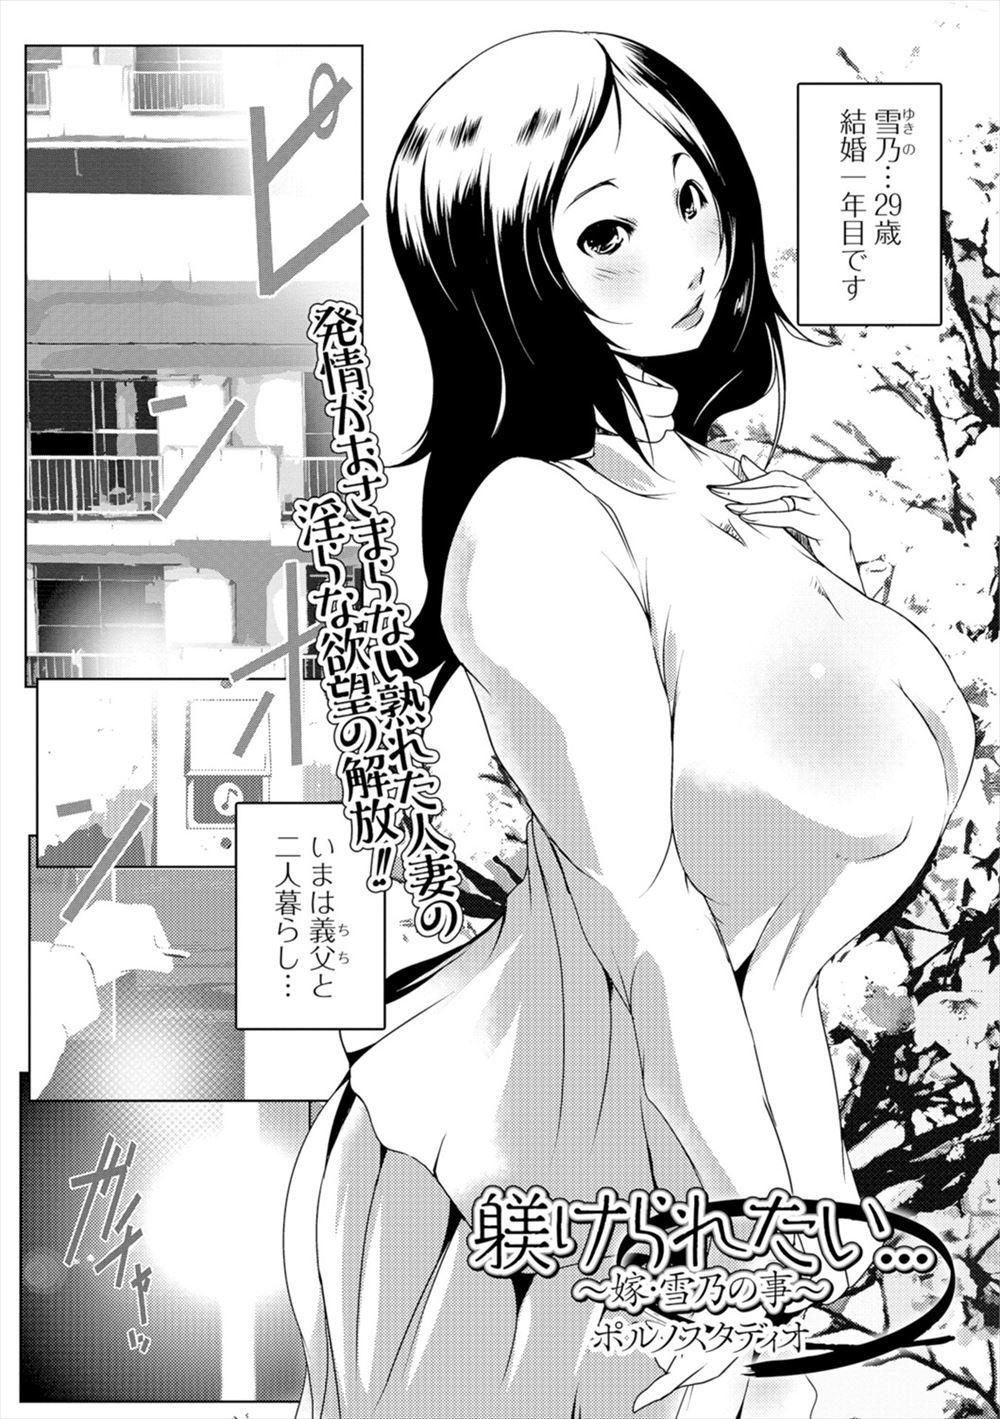 【エロ漫画】団地に住む清楚な美人妻は実は年中発情してる淫乱ビッチなのでご近所さんに性欲処理をお願いする!